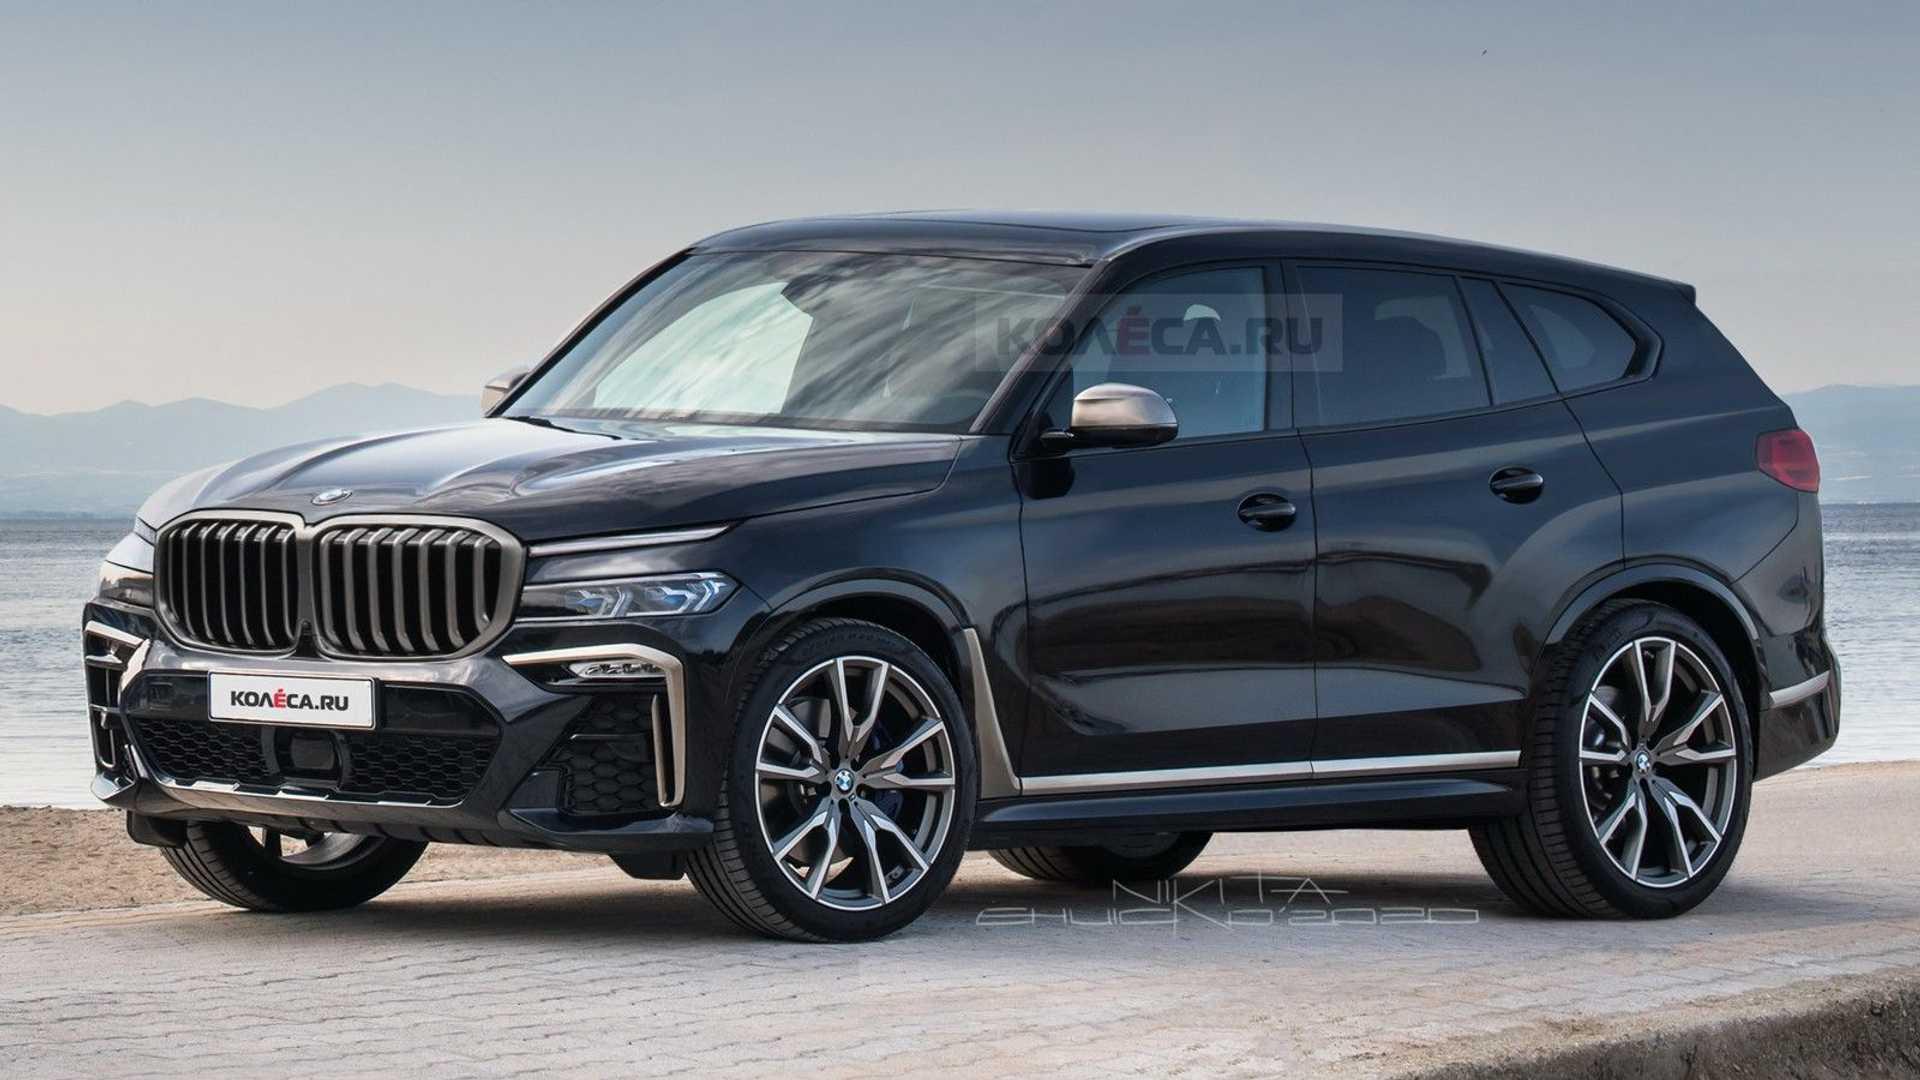 2022 bmw x8 rendering 1 1603887562723691970251 BMW X8 - SUV đỉnh cao nhất mọi thời đại của BMW